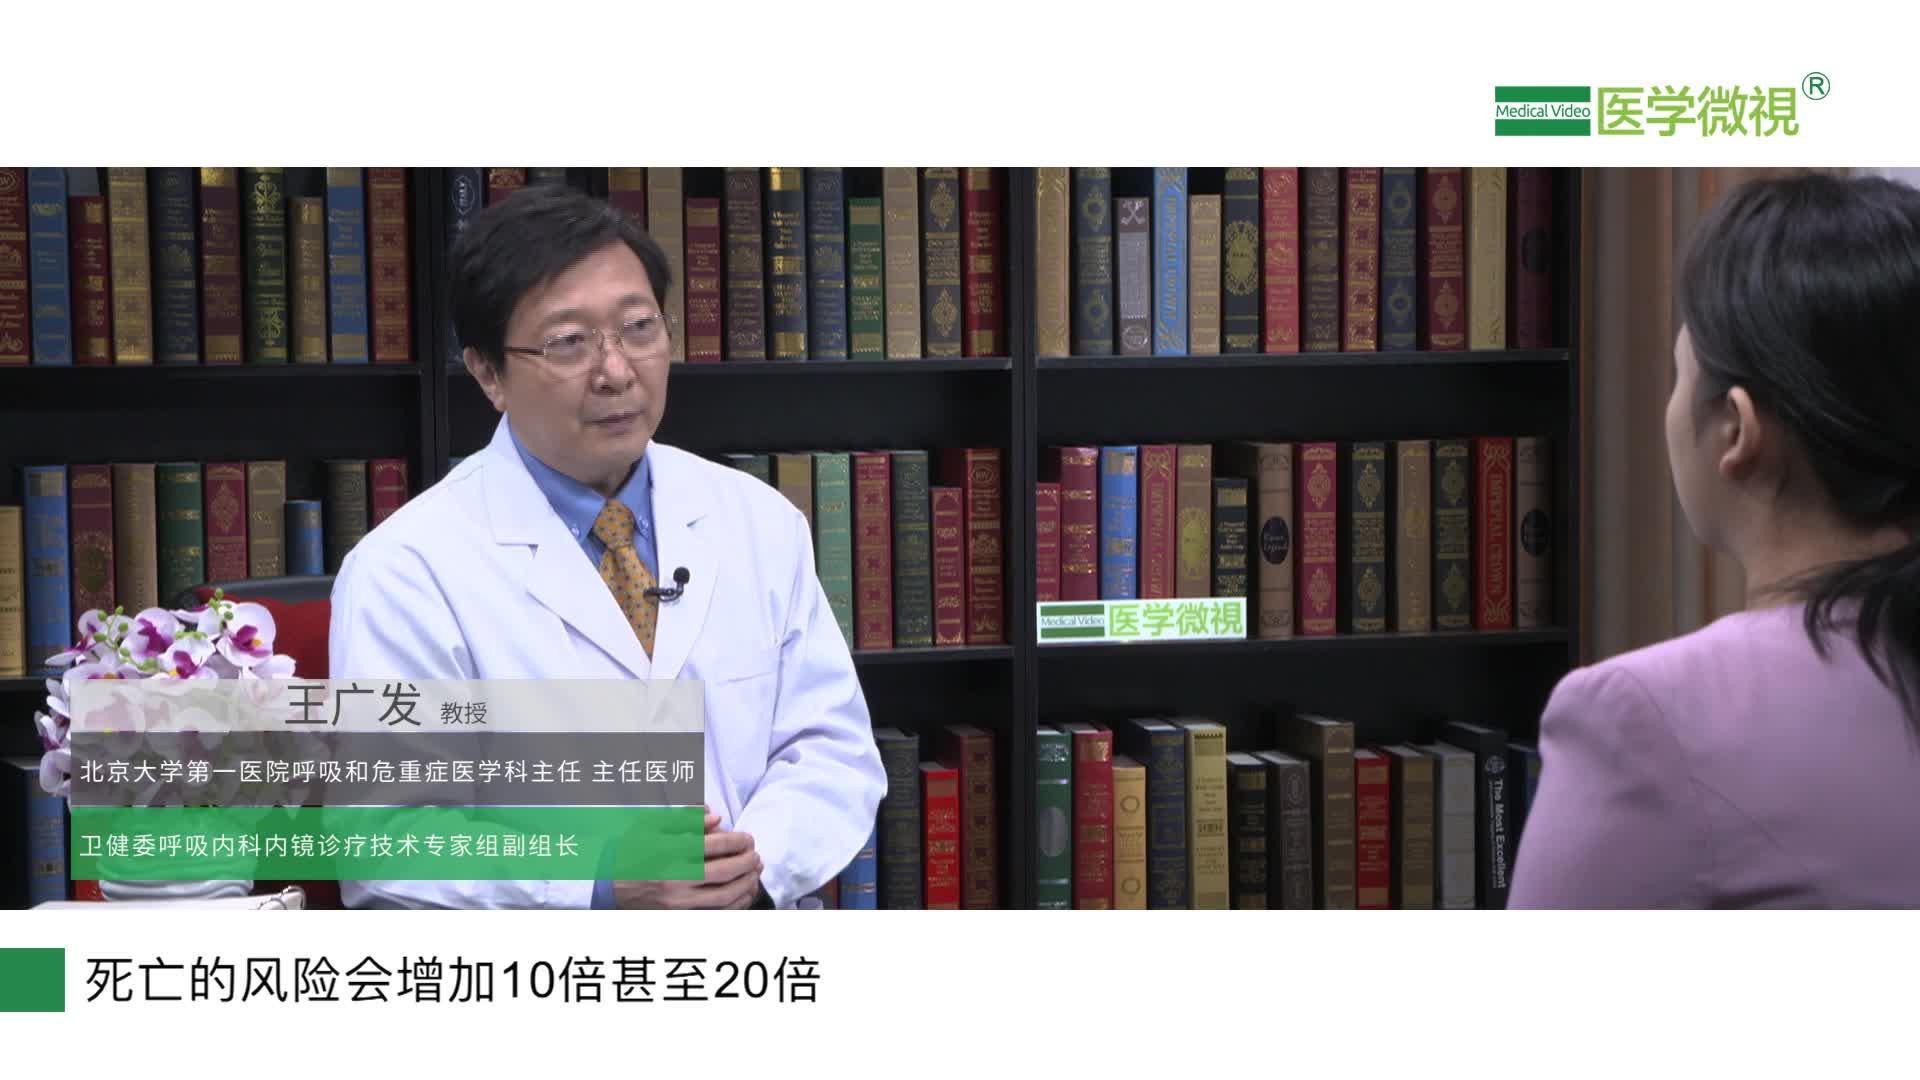 肺气肿患者应该接种新冠疫苗吗?